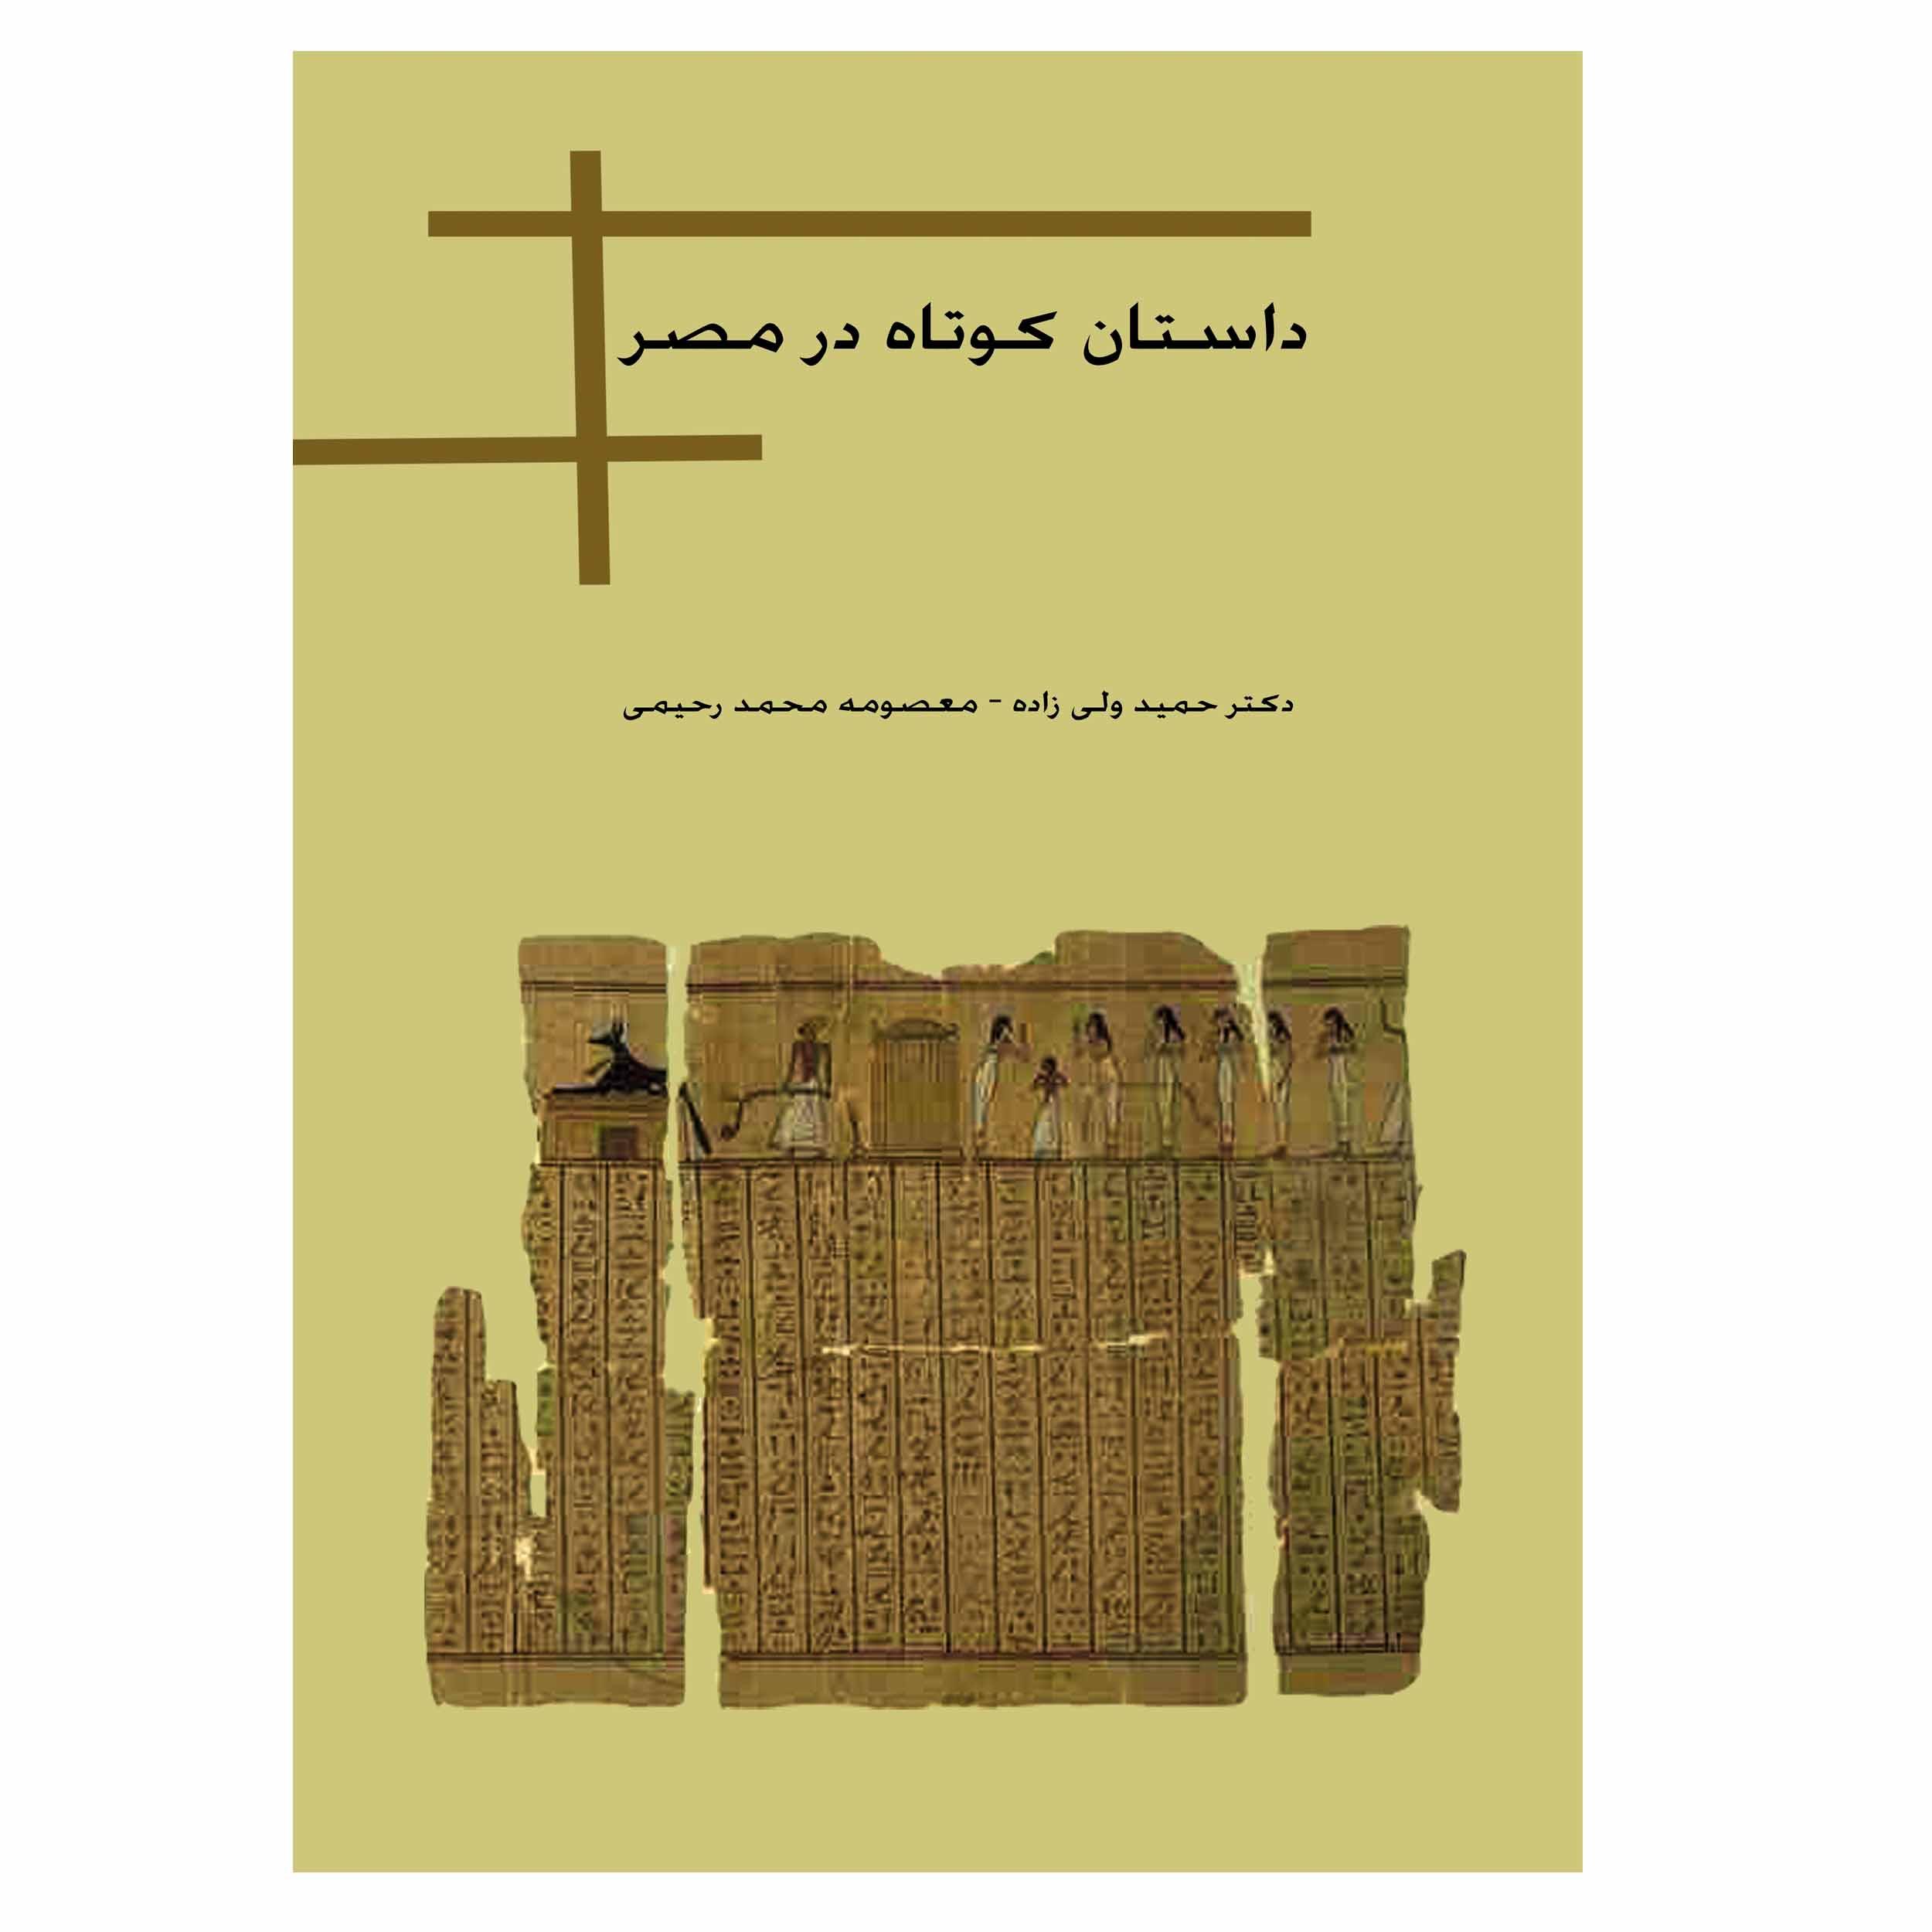 کتاب داستان کوتاه در مصر اثر دکتر حمید ولی زاده - معصومه محمد رحیمی انتشارات ایده نو